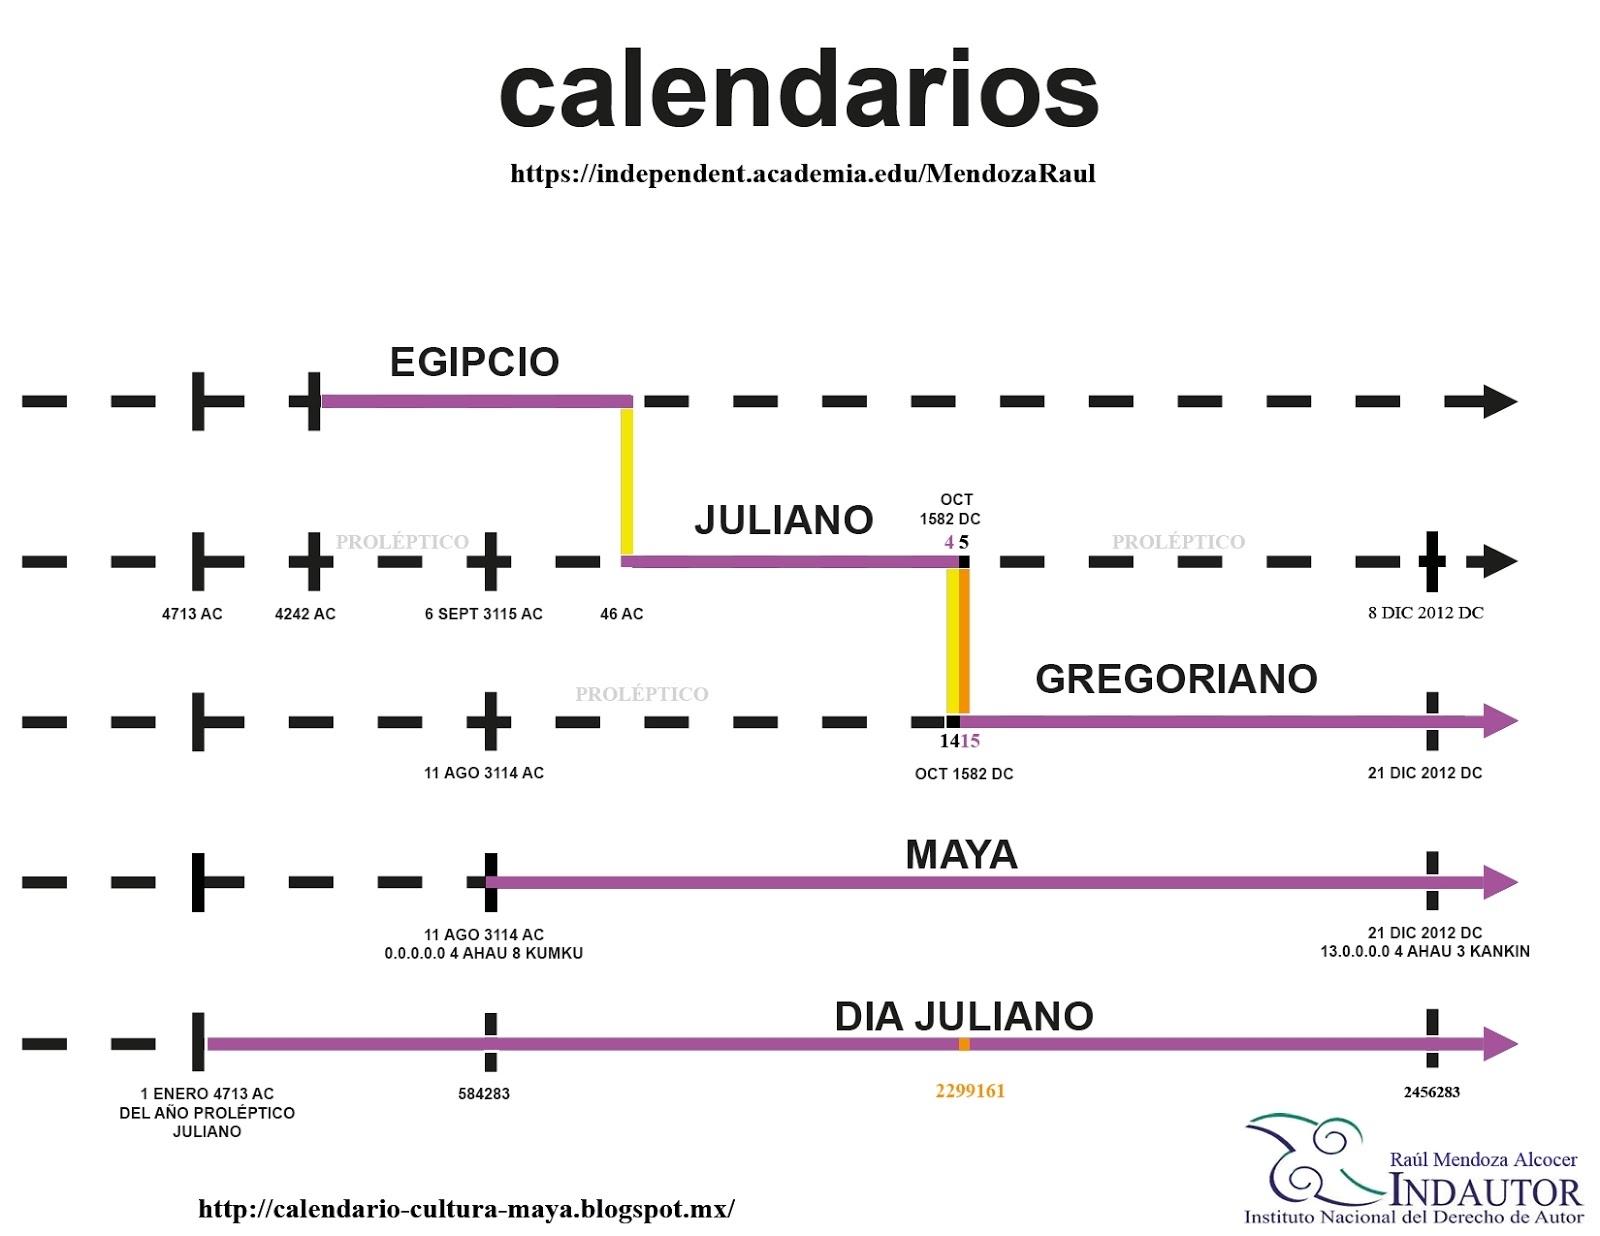 Calendario Y Cultura Maya: El Calendario Juliano, Gregoriano